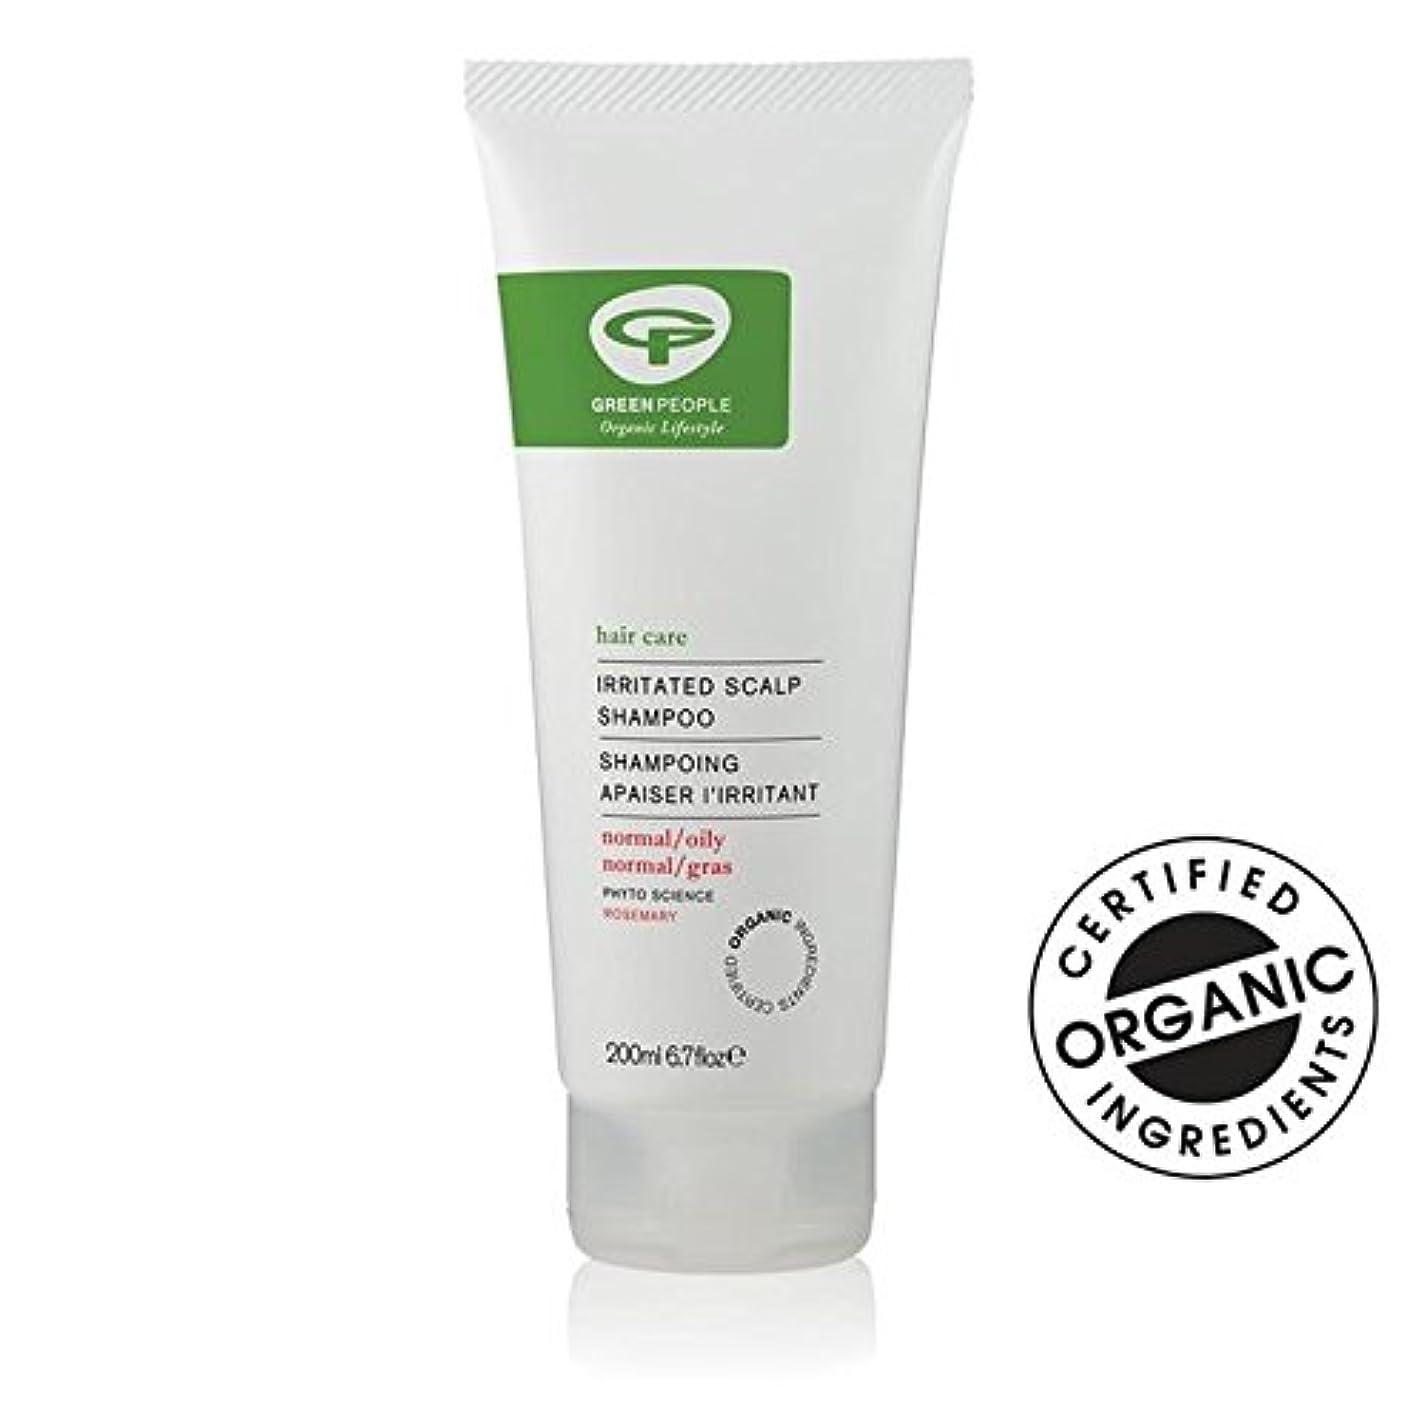 死の顎一杯不快緑の人々イライラ頭皮シャンプー200ミリリットル x2 - Green People Irritated Scalp Shampoo 200ml (Pack of 2) [並行輸入品]